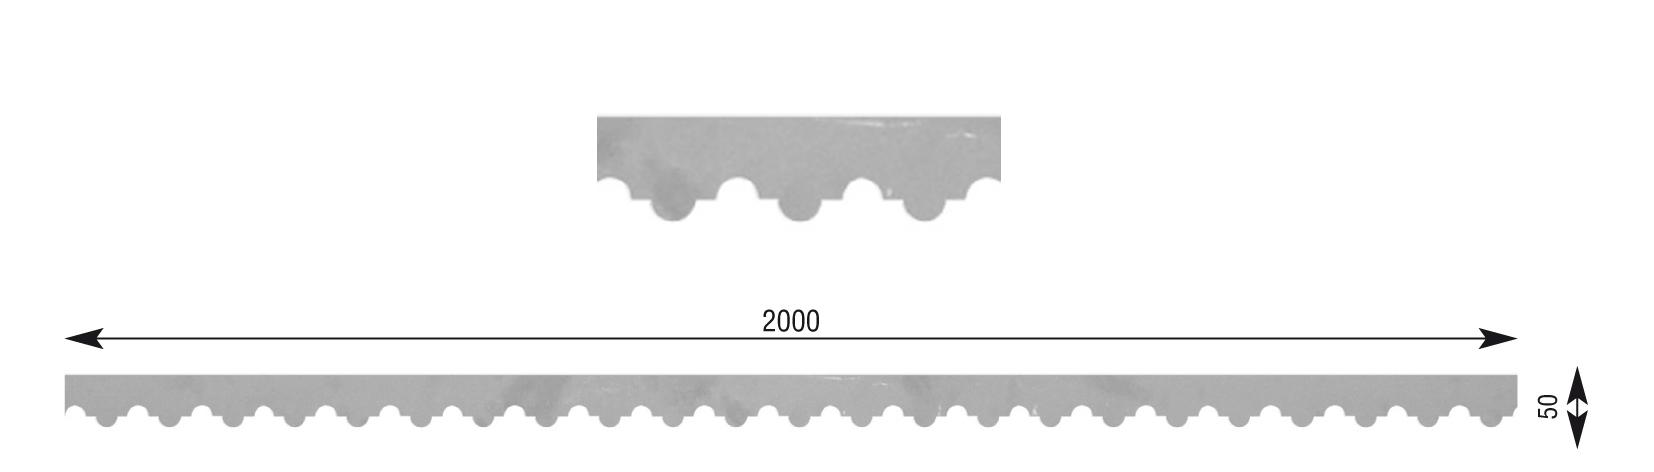 t le d corative hauteur 50 mm x longueur 2000 mm x. Black Bedroom Furniture Sets. Home Design Ideas